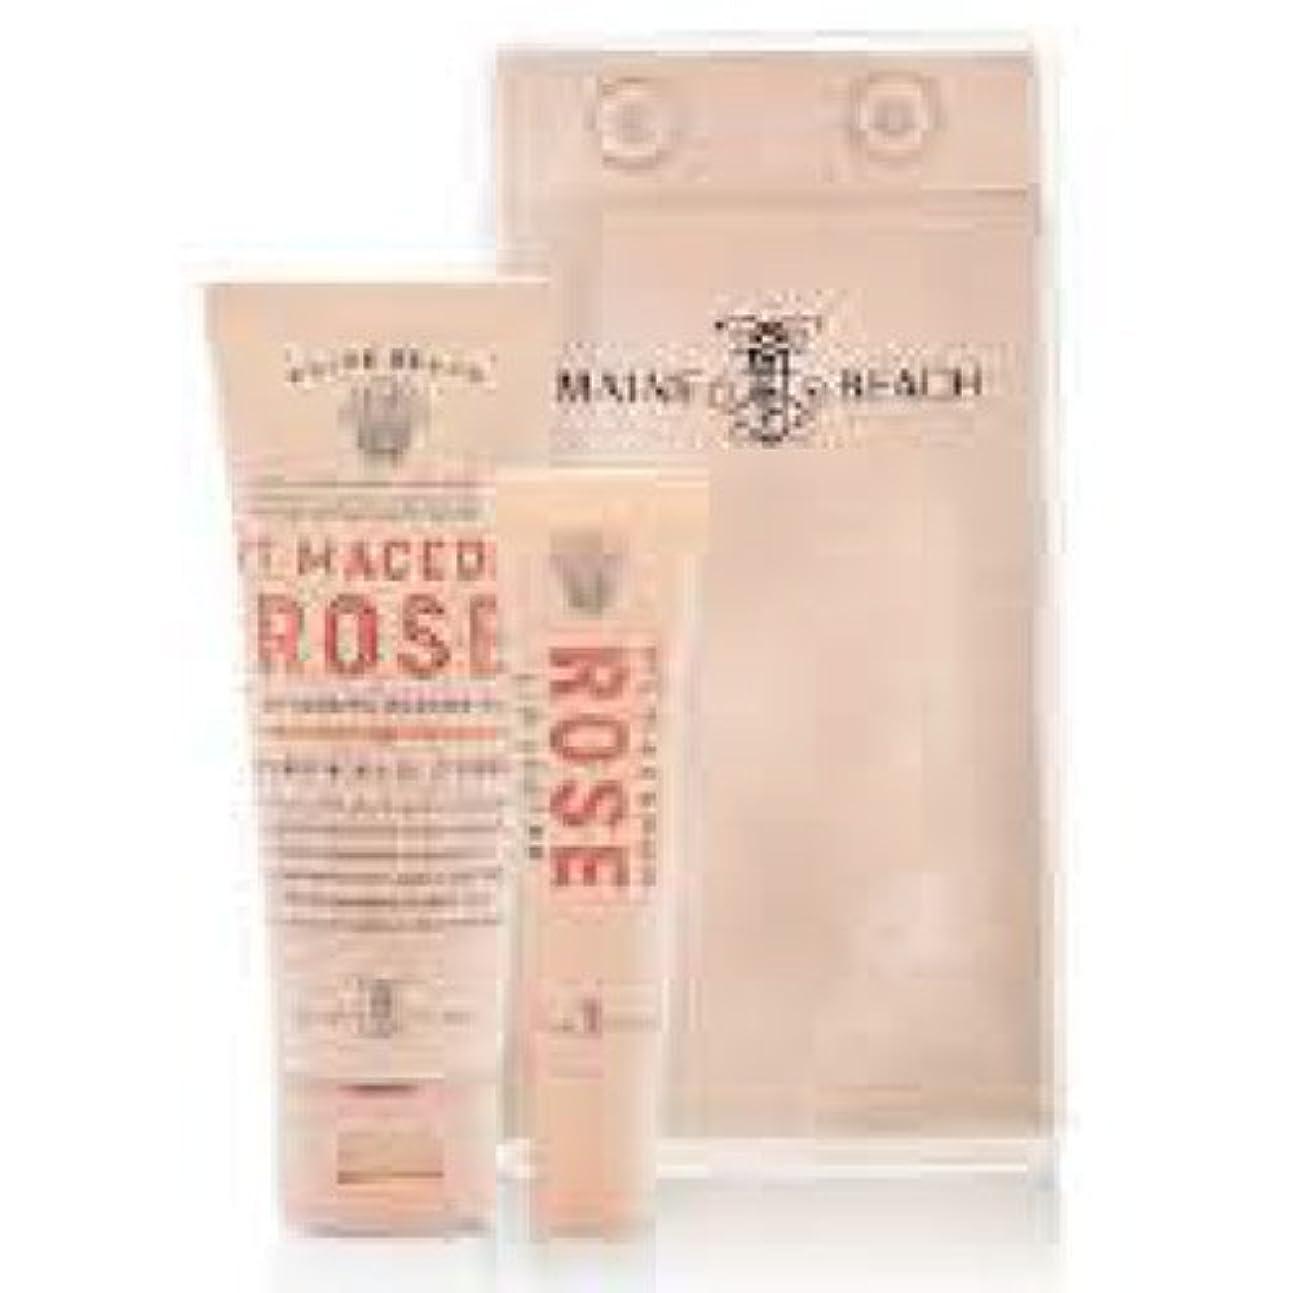 誘惑息子ボタンMAINE BEACH マインビーチ MT MACEDON ROSE マウント マセドン ローズ Essentials DUO Pack